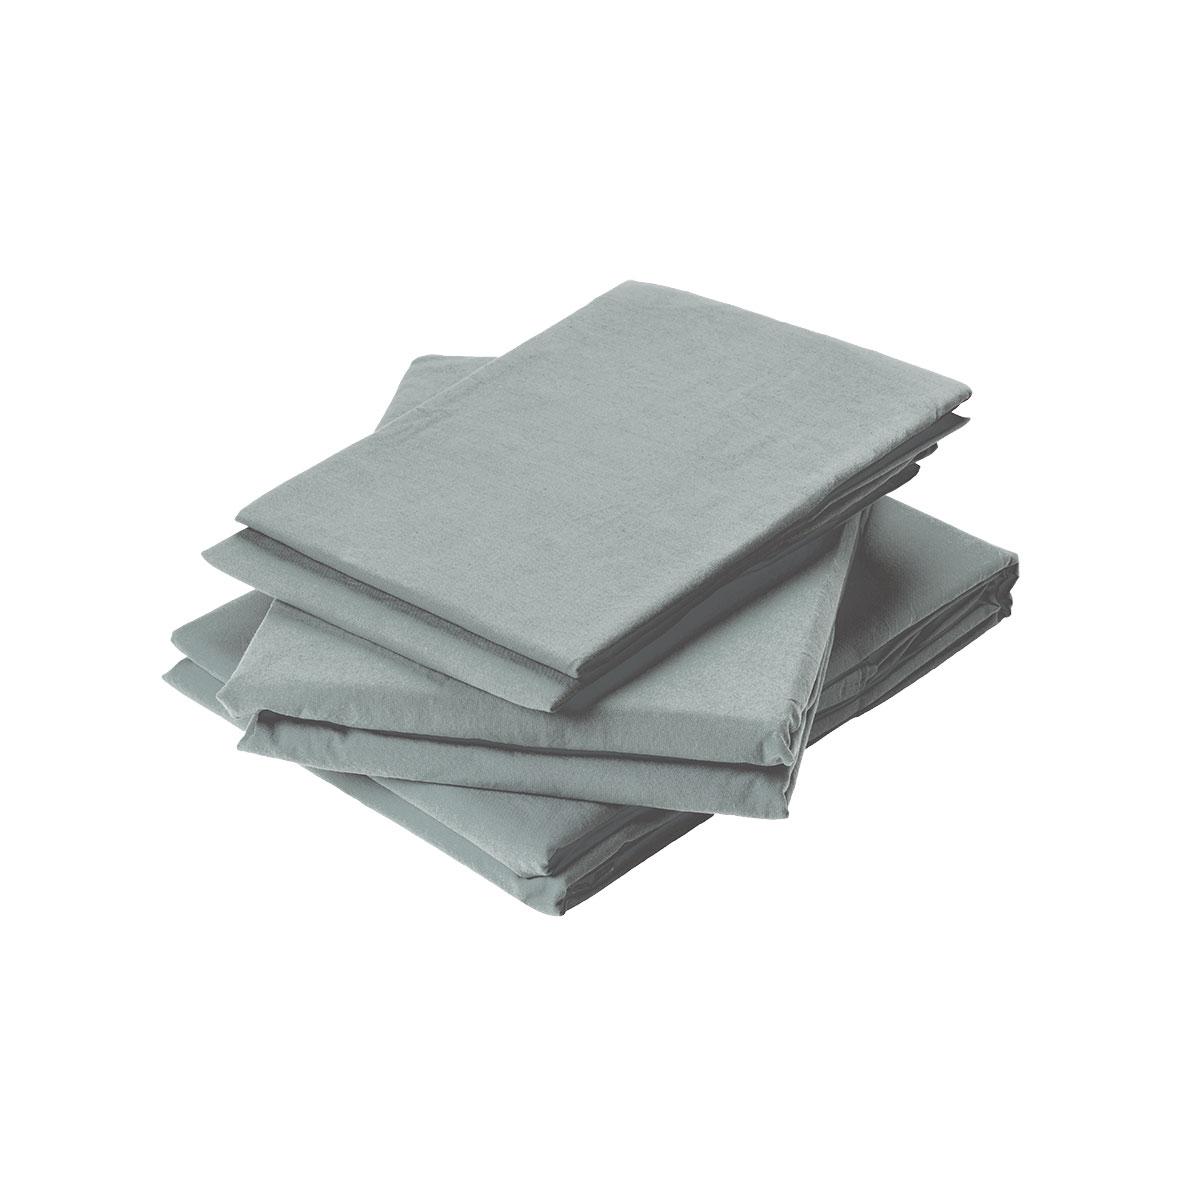 Drap plat en coton lavé coton flanelle 200x180